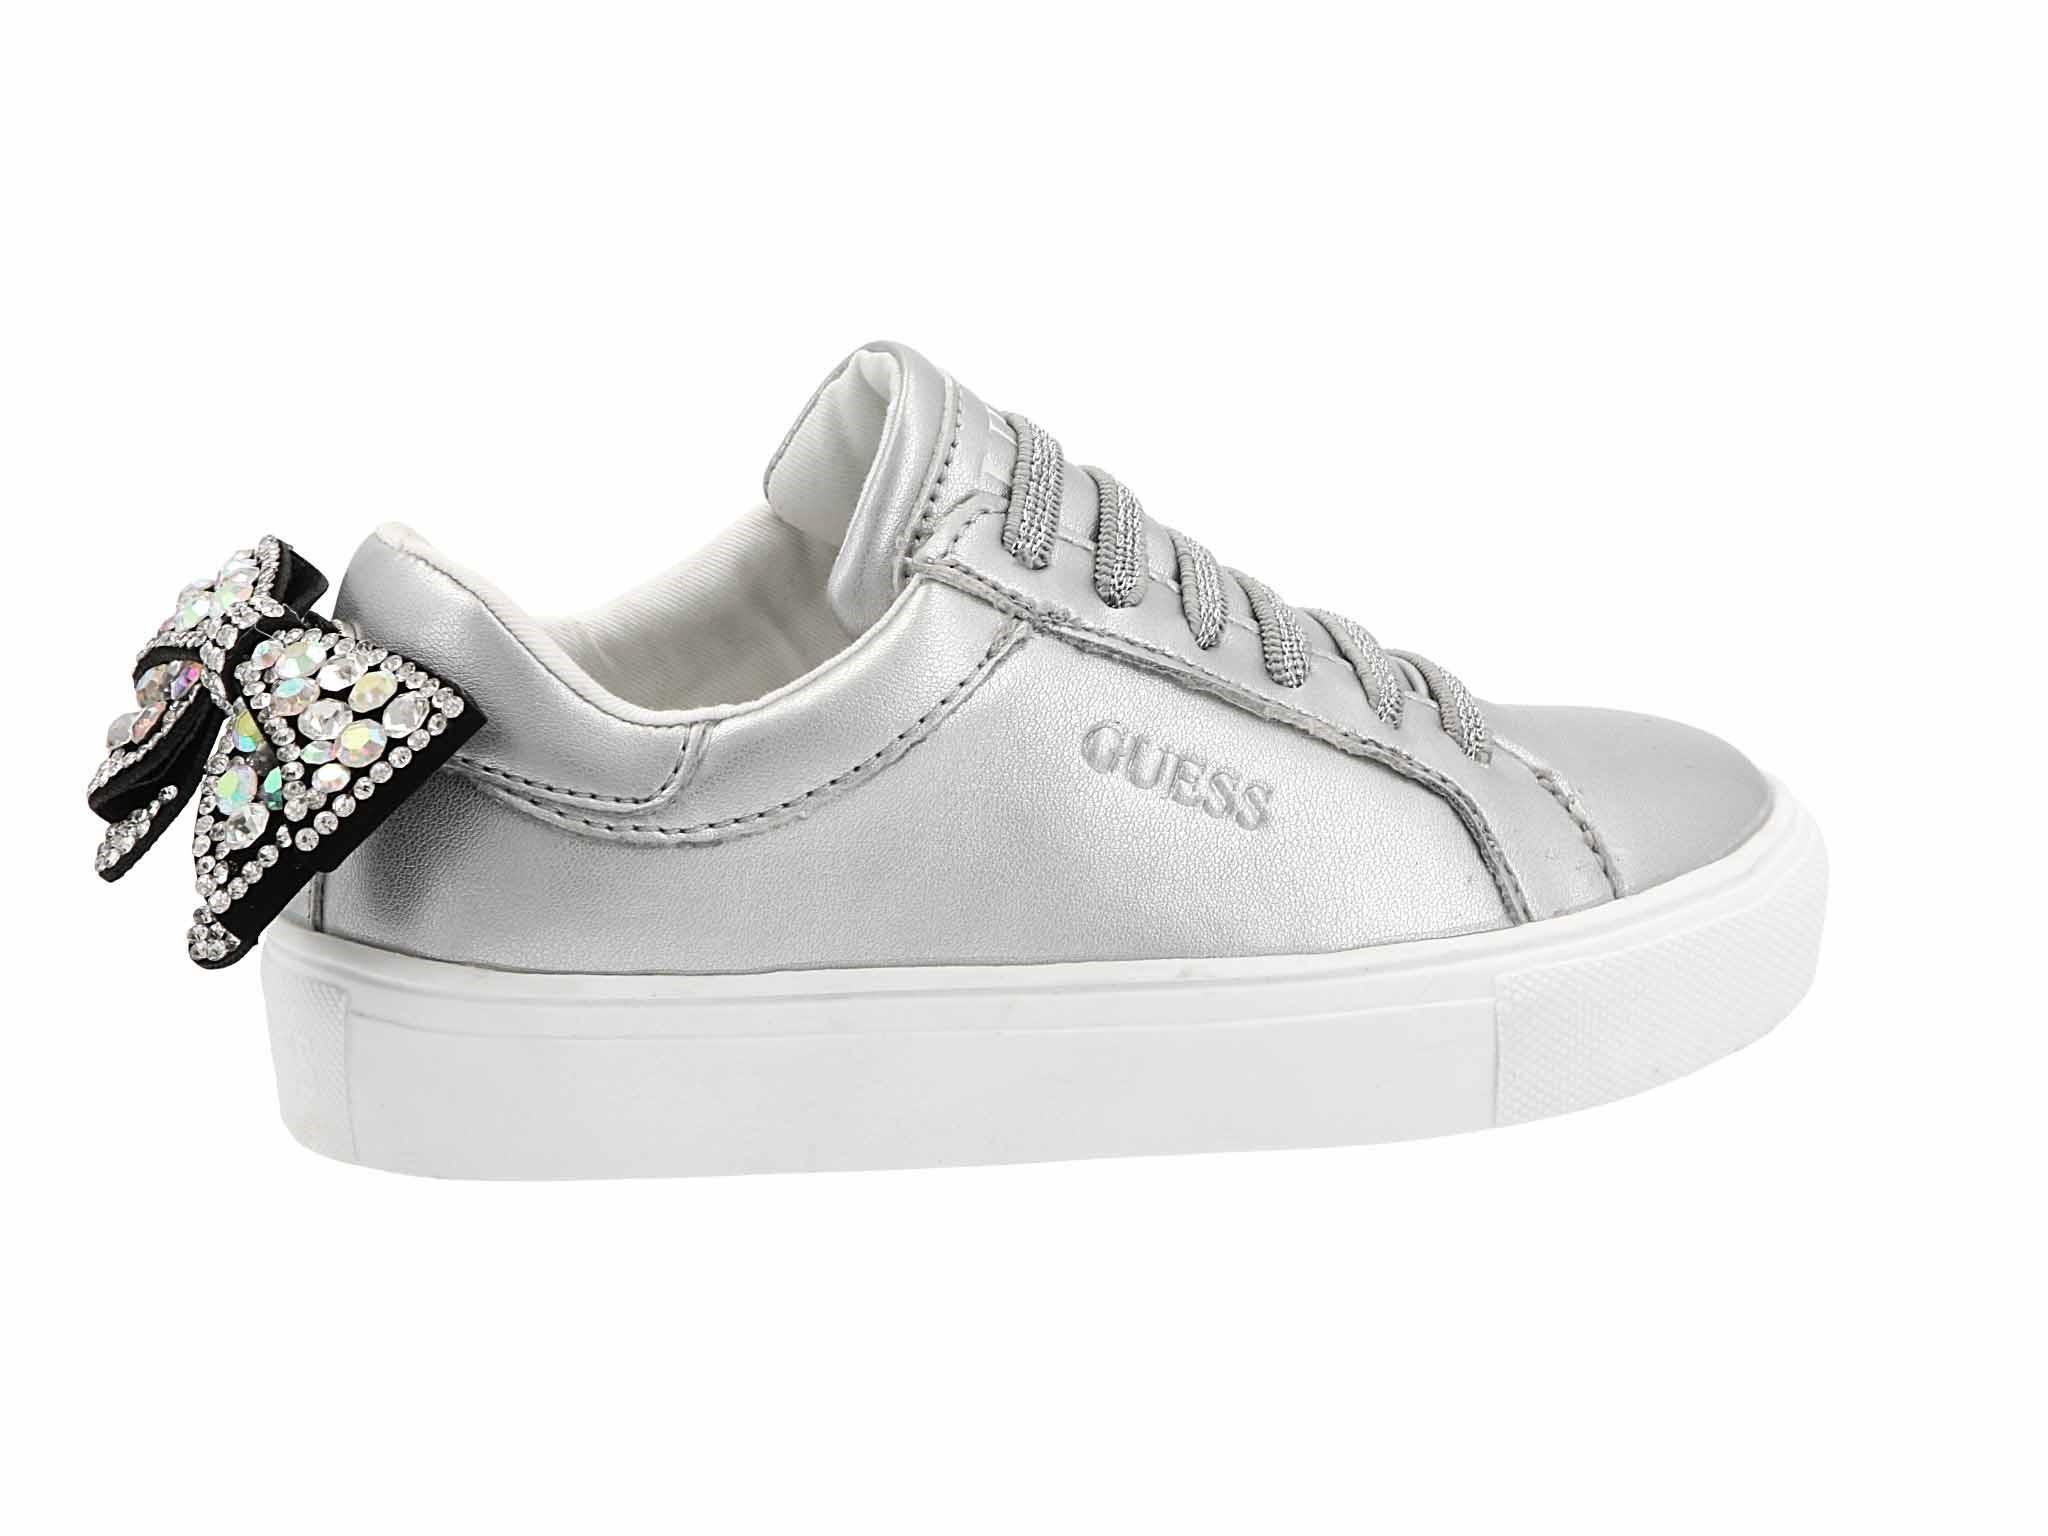 Sneakers GUESS FI7RIB ELE12 SILVER